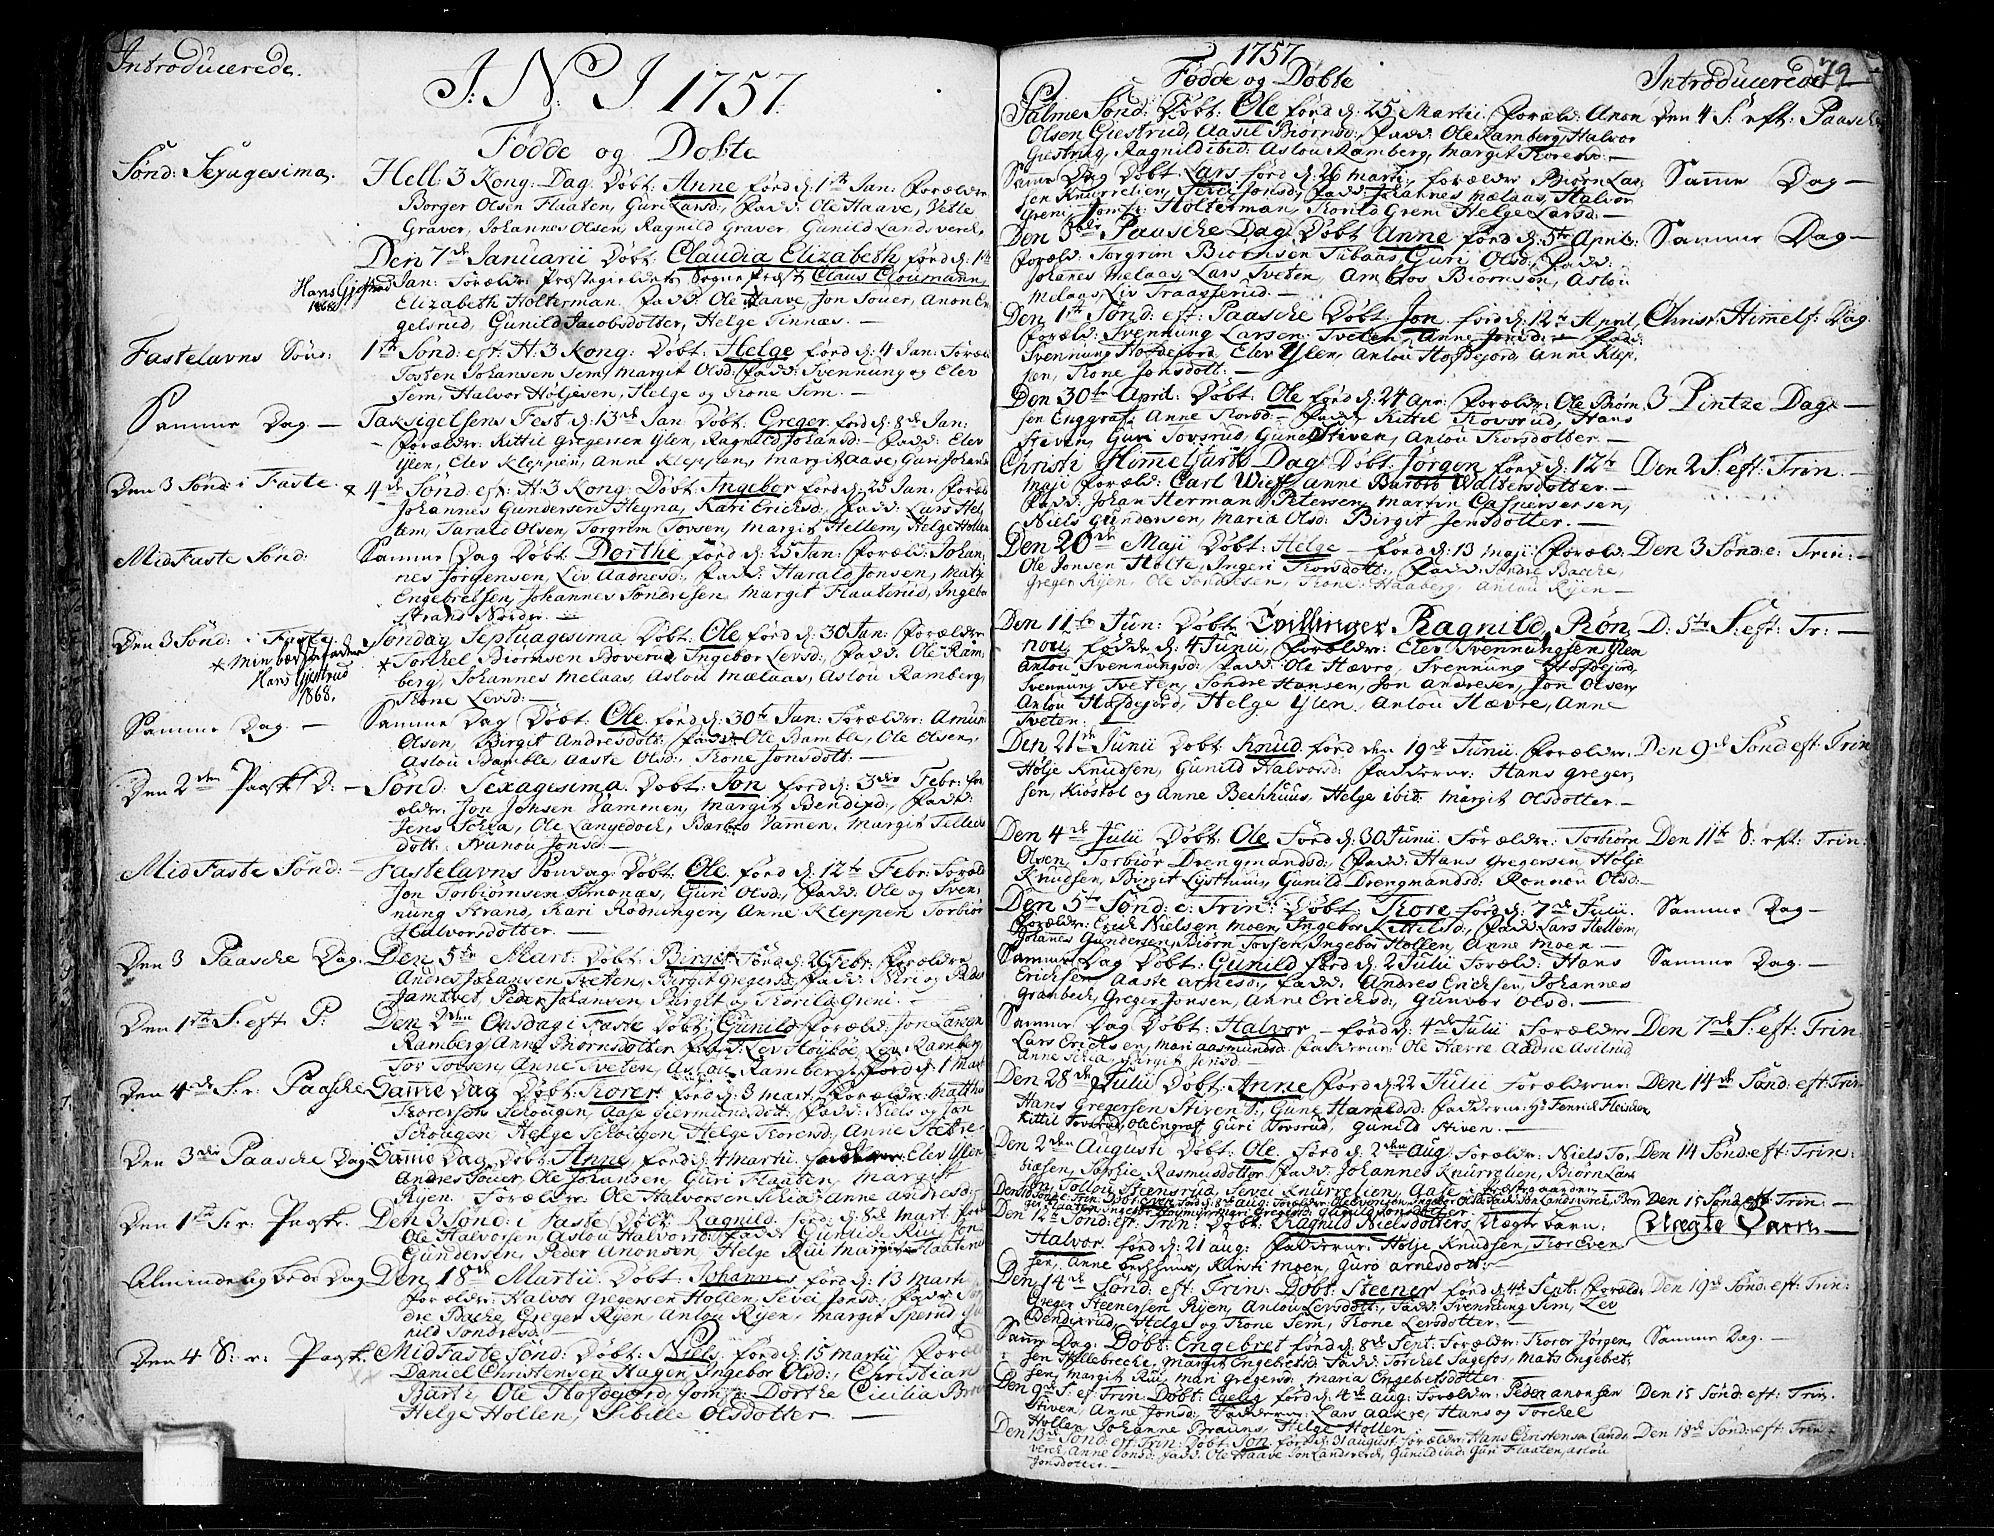 SAKO, Heddal kirkebøker, F/Fa/L0003: Ministerialbok nr. I 3, 1723-1783, s. 79